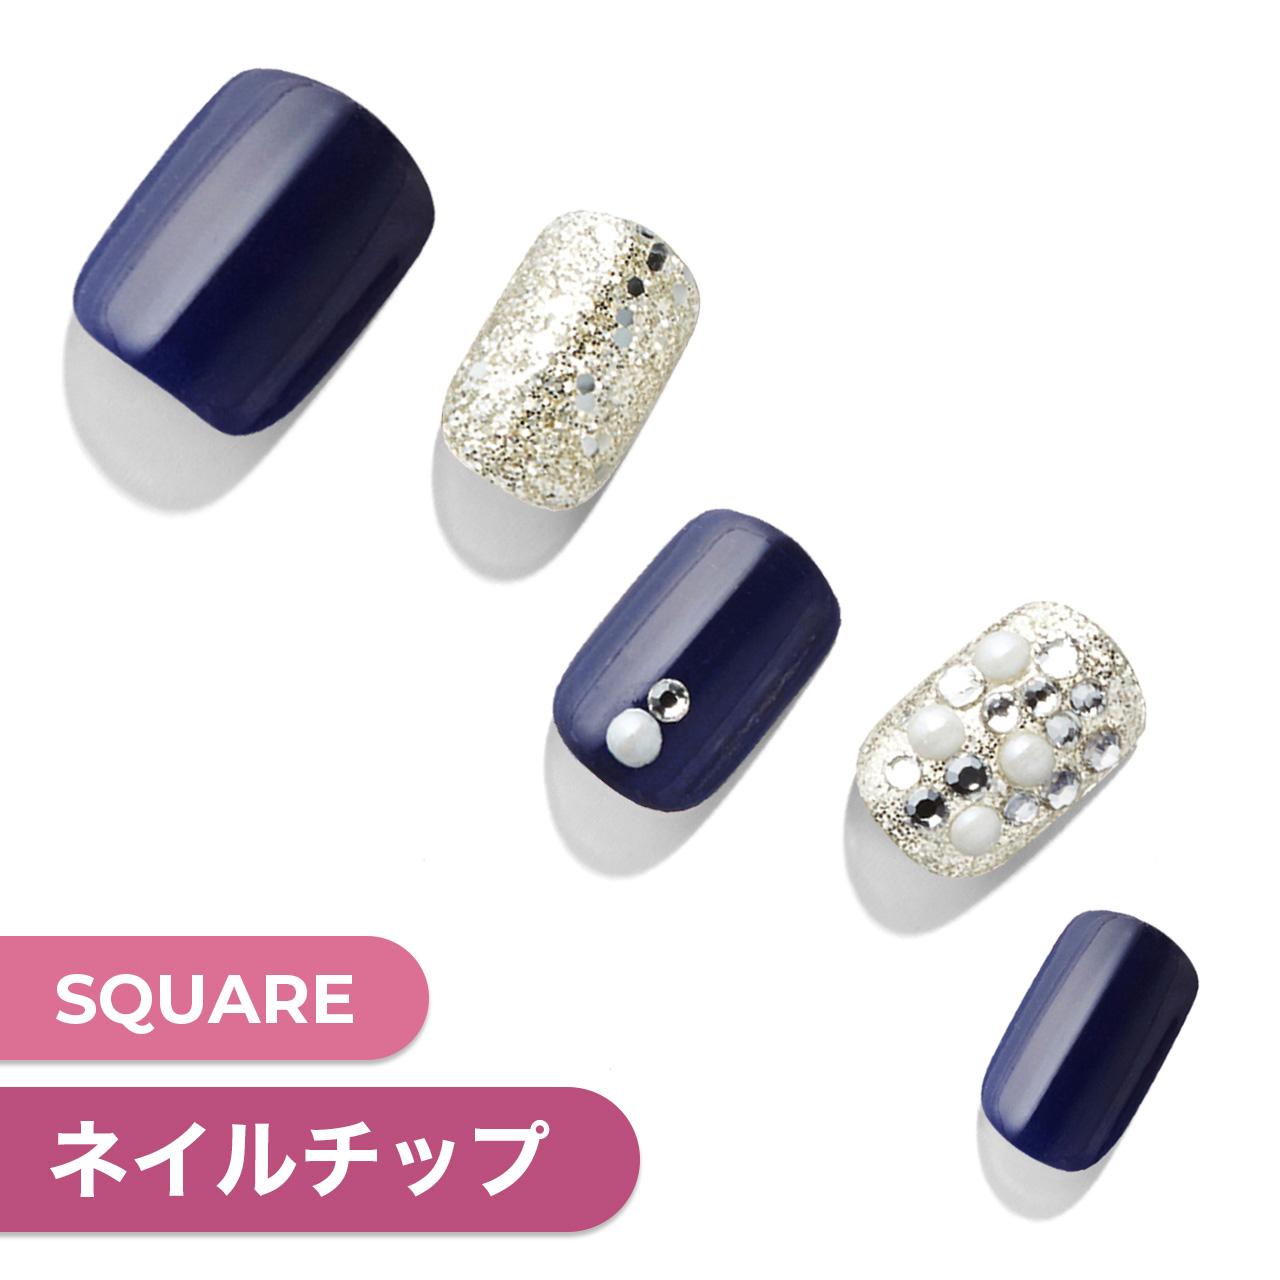 【Royal Blue Jewel】ダッシングディバマジックプレス